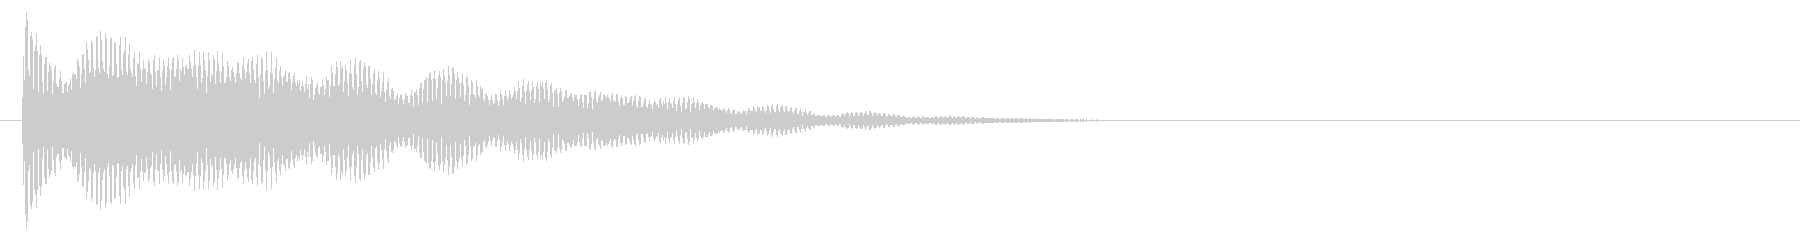 マレット系 決定音01(複)の未再生の波形